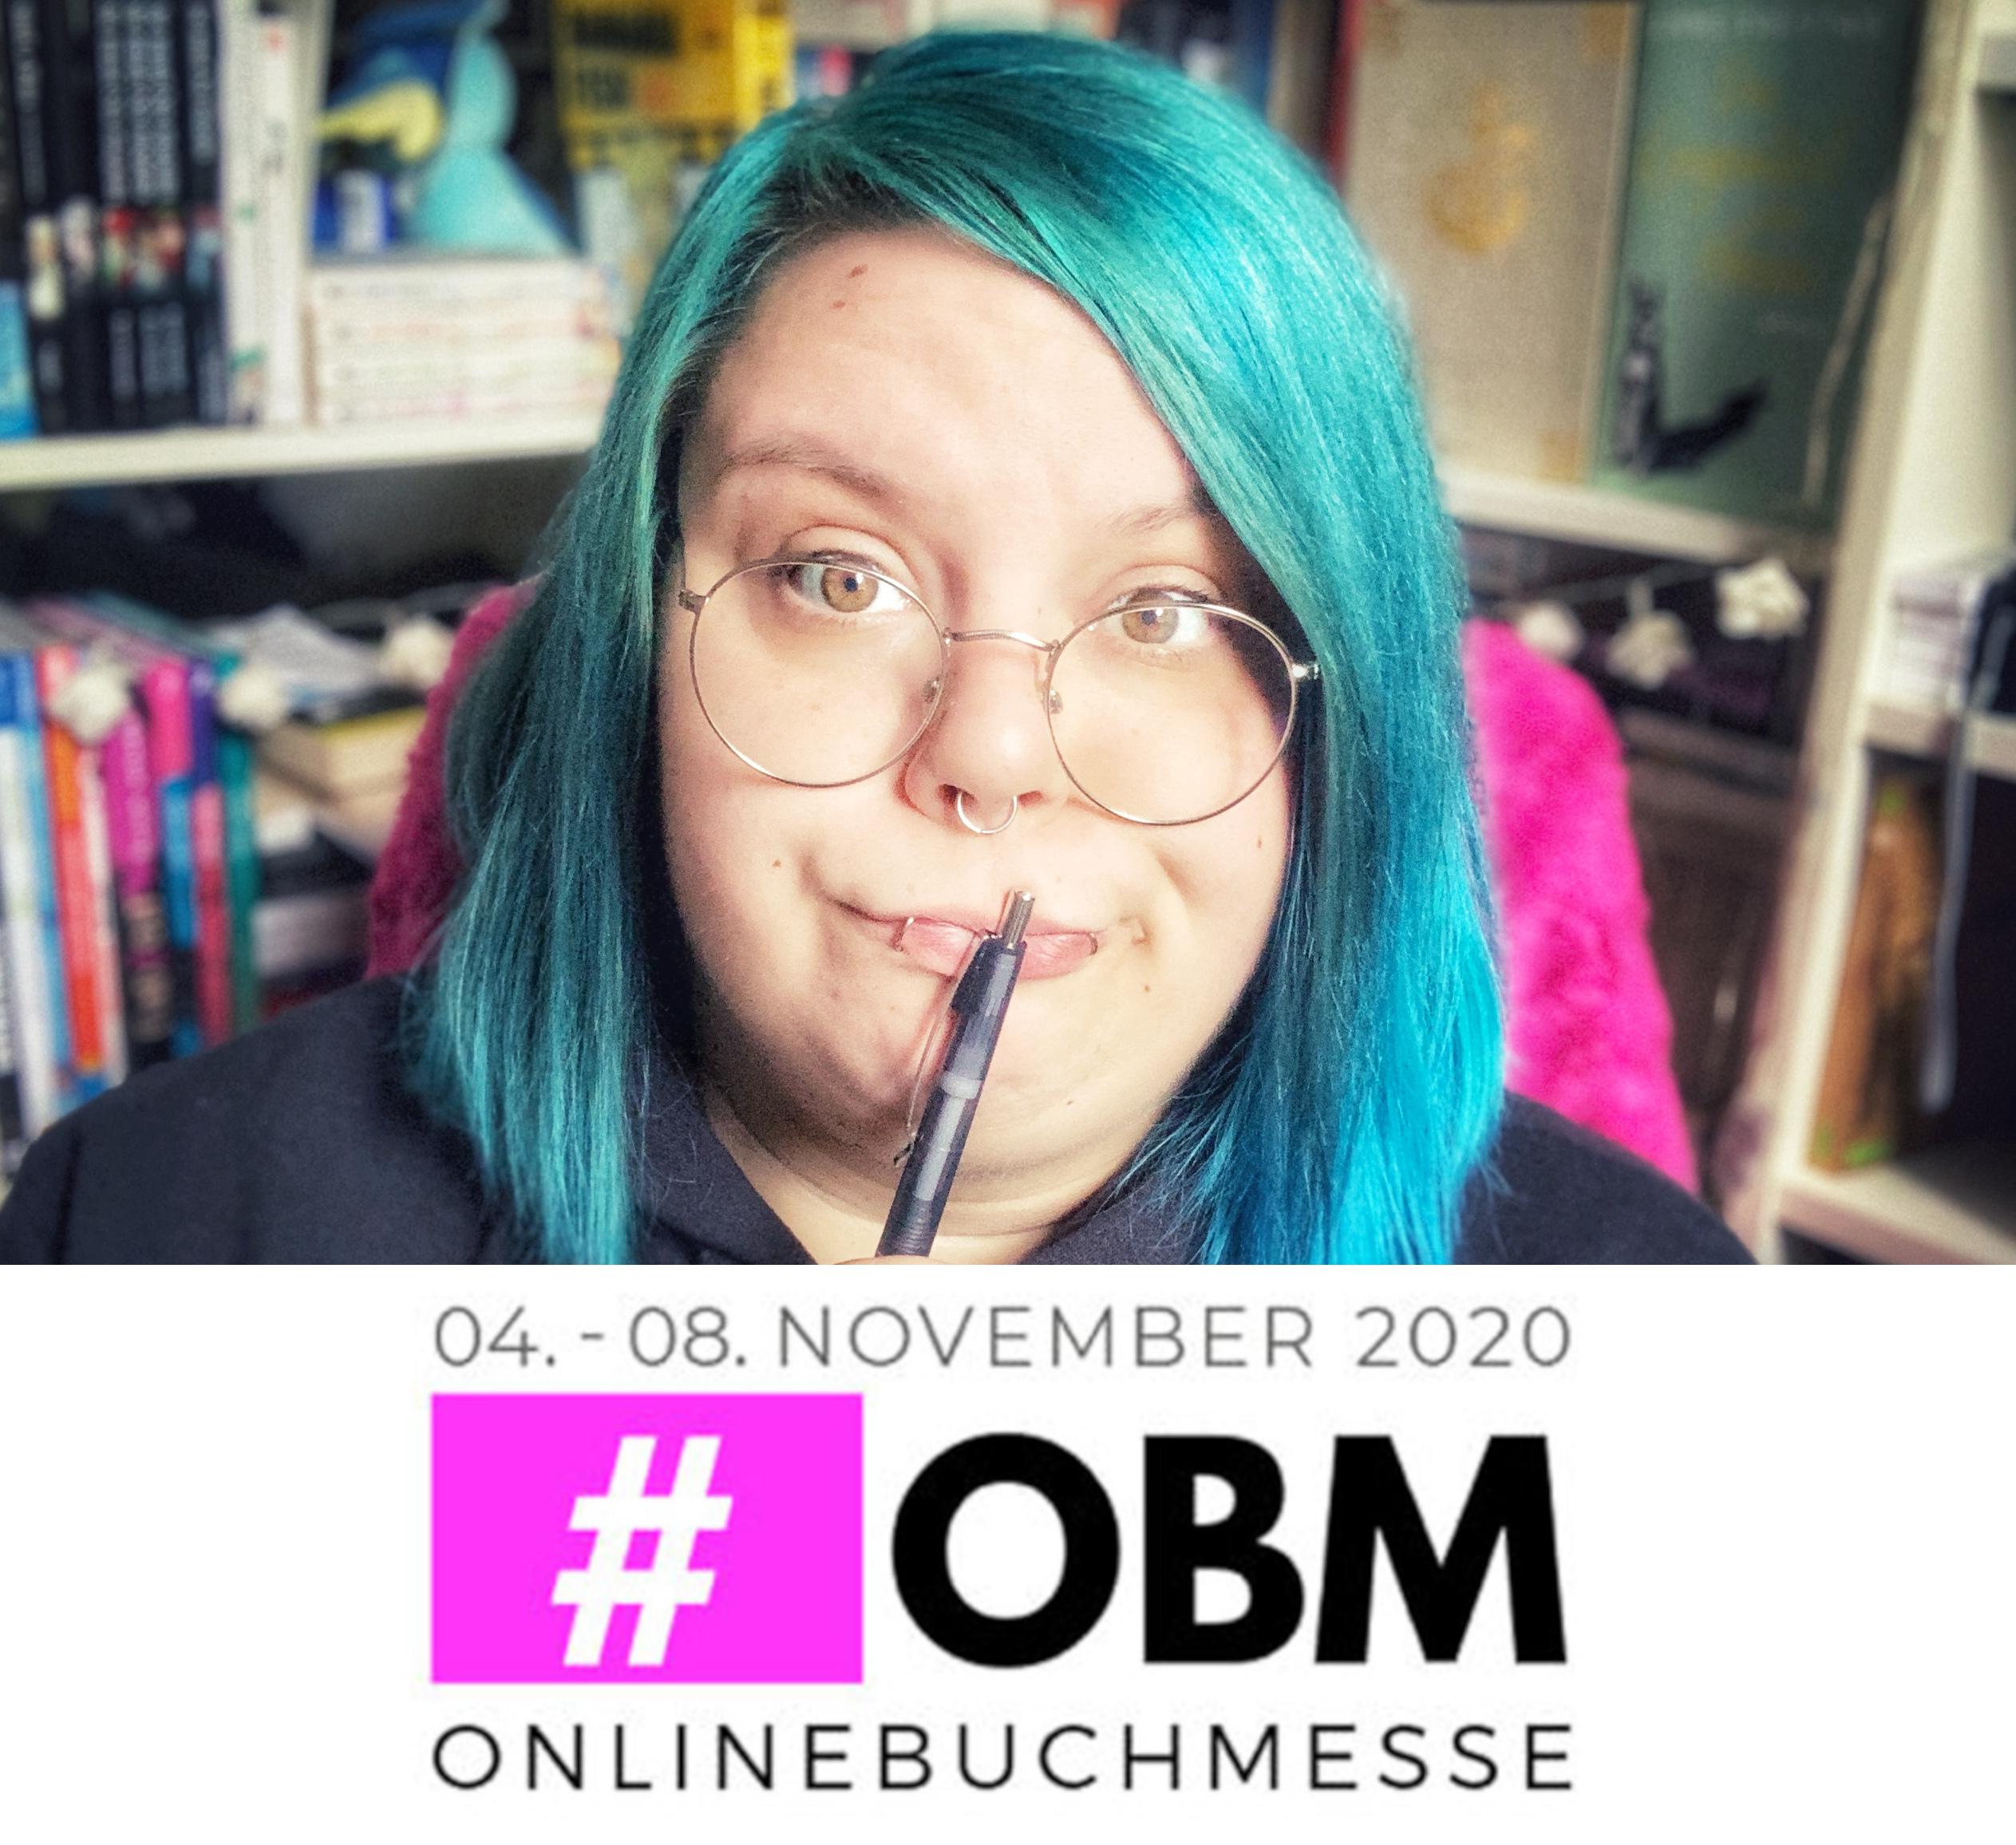 [Onlinebuchmesse] Herzlich Willkommen